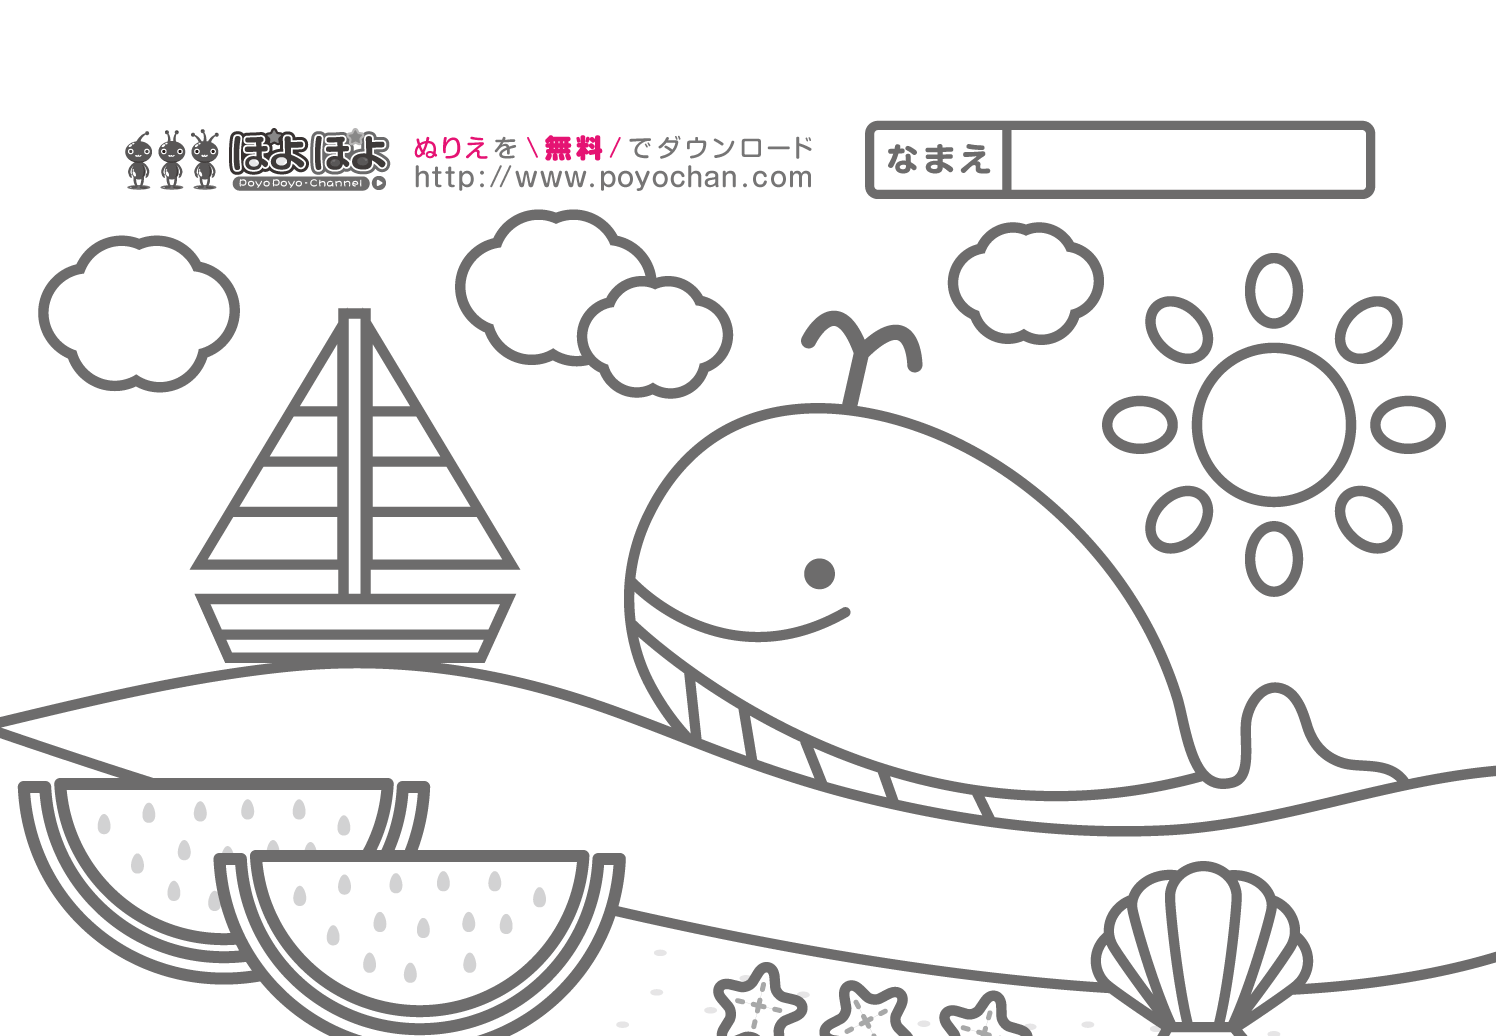 無料ぬりえ夏の海 知育アニメと無料ぬりえぽよぽよチャンネル